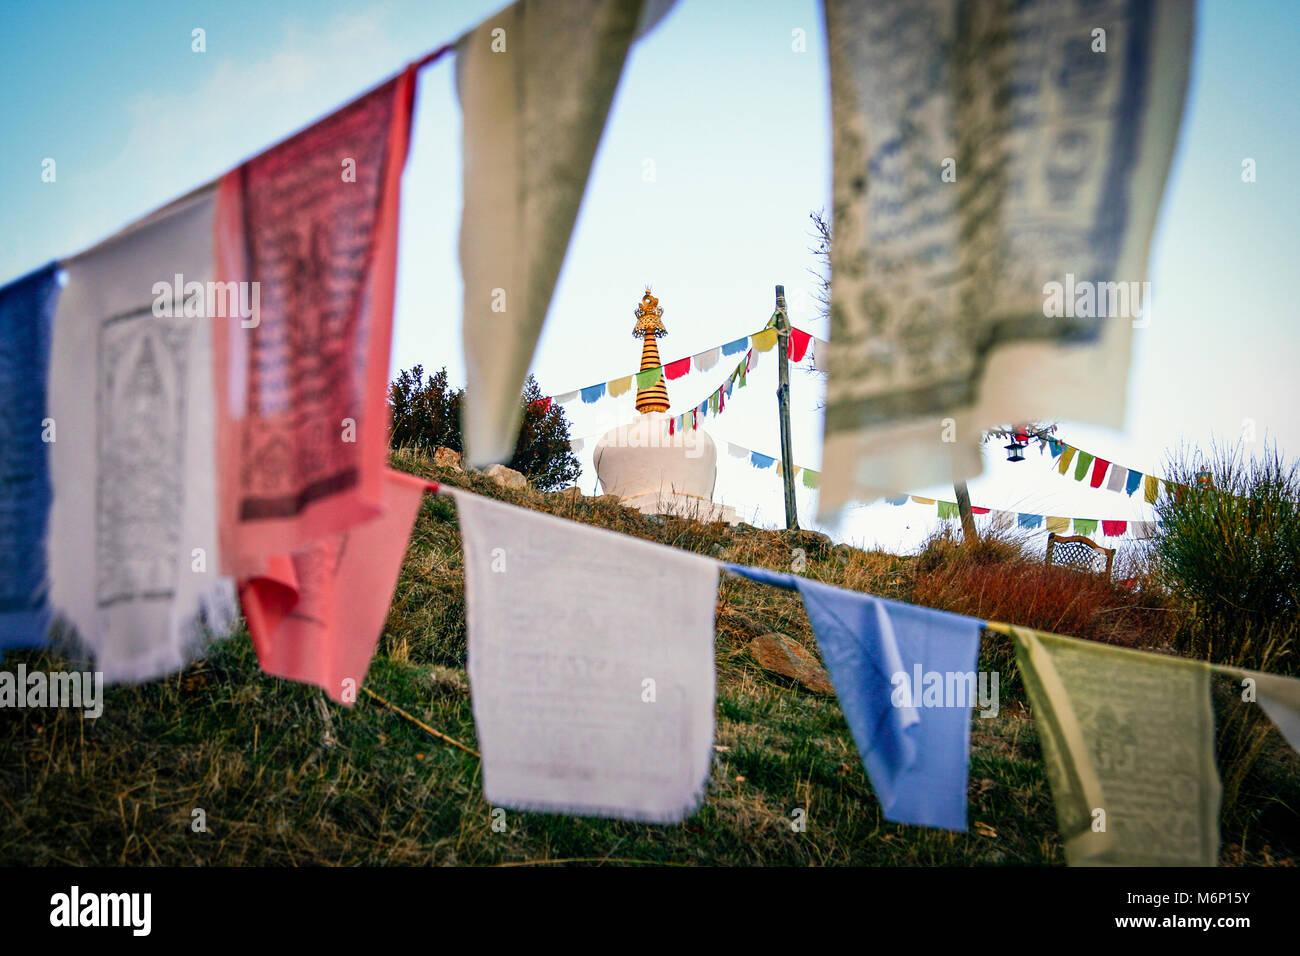 Las Alpujarras, province de Grenade, Andalousie, Espagne: stupa tibétain et les drapeaux de prières Photo Stock